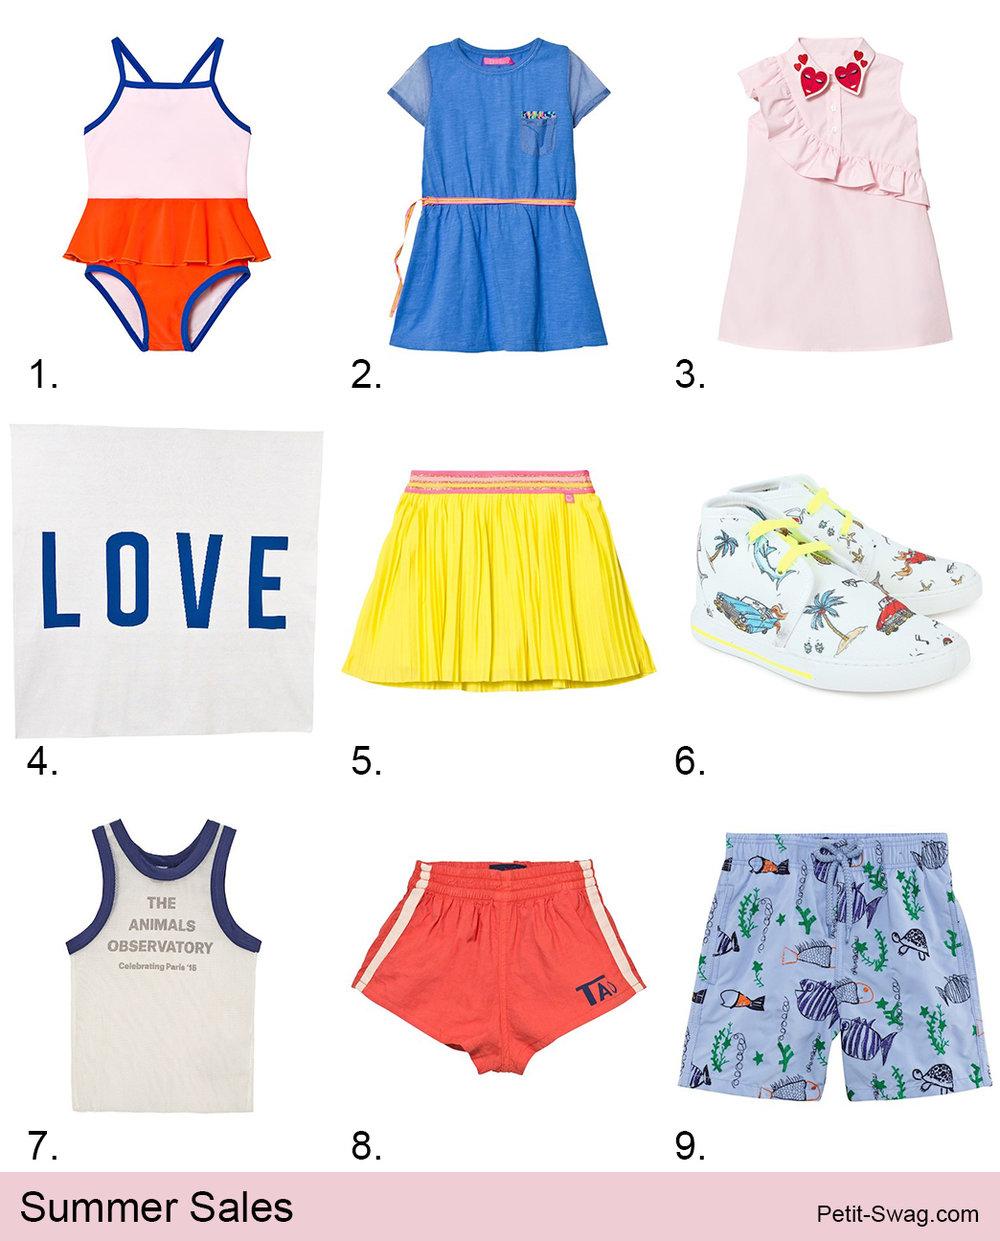 Summer Sales | Petit-Swag.com